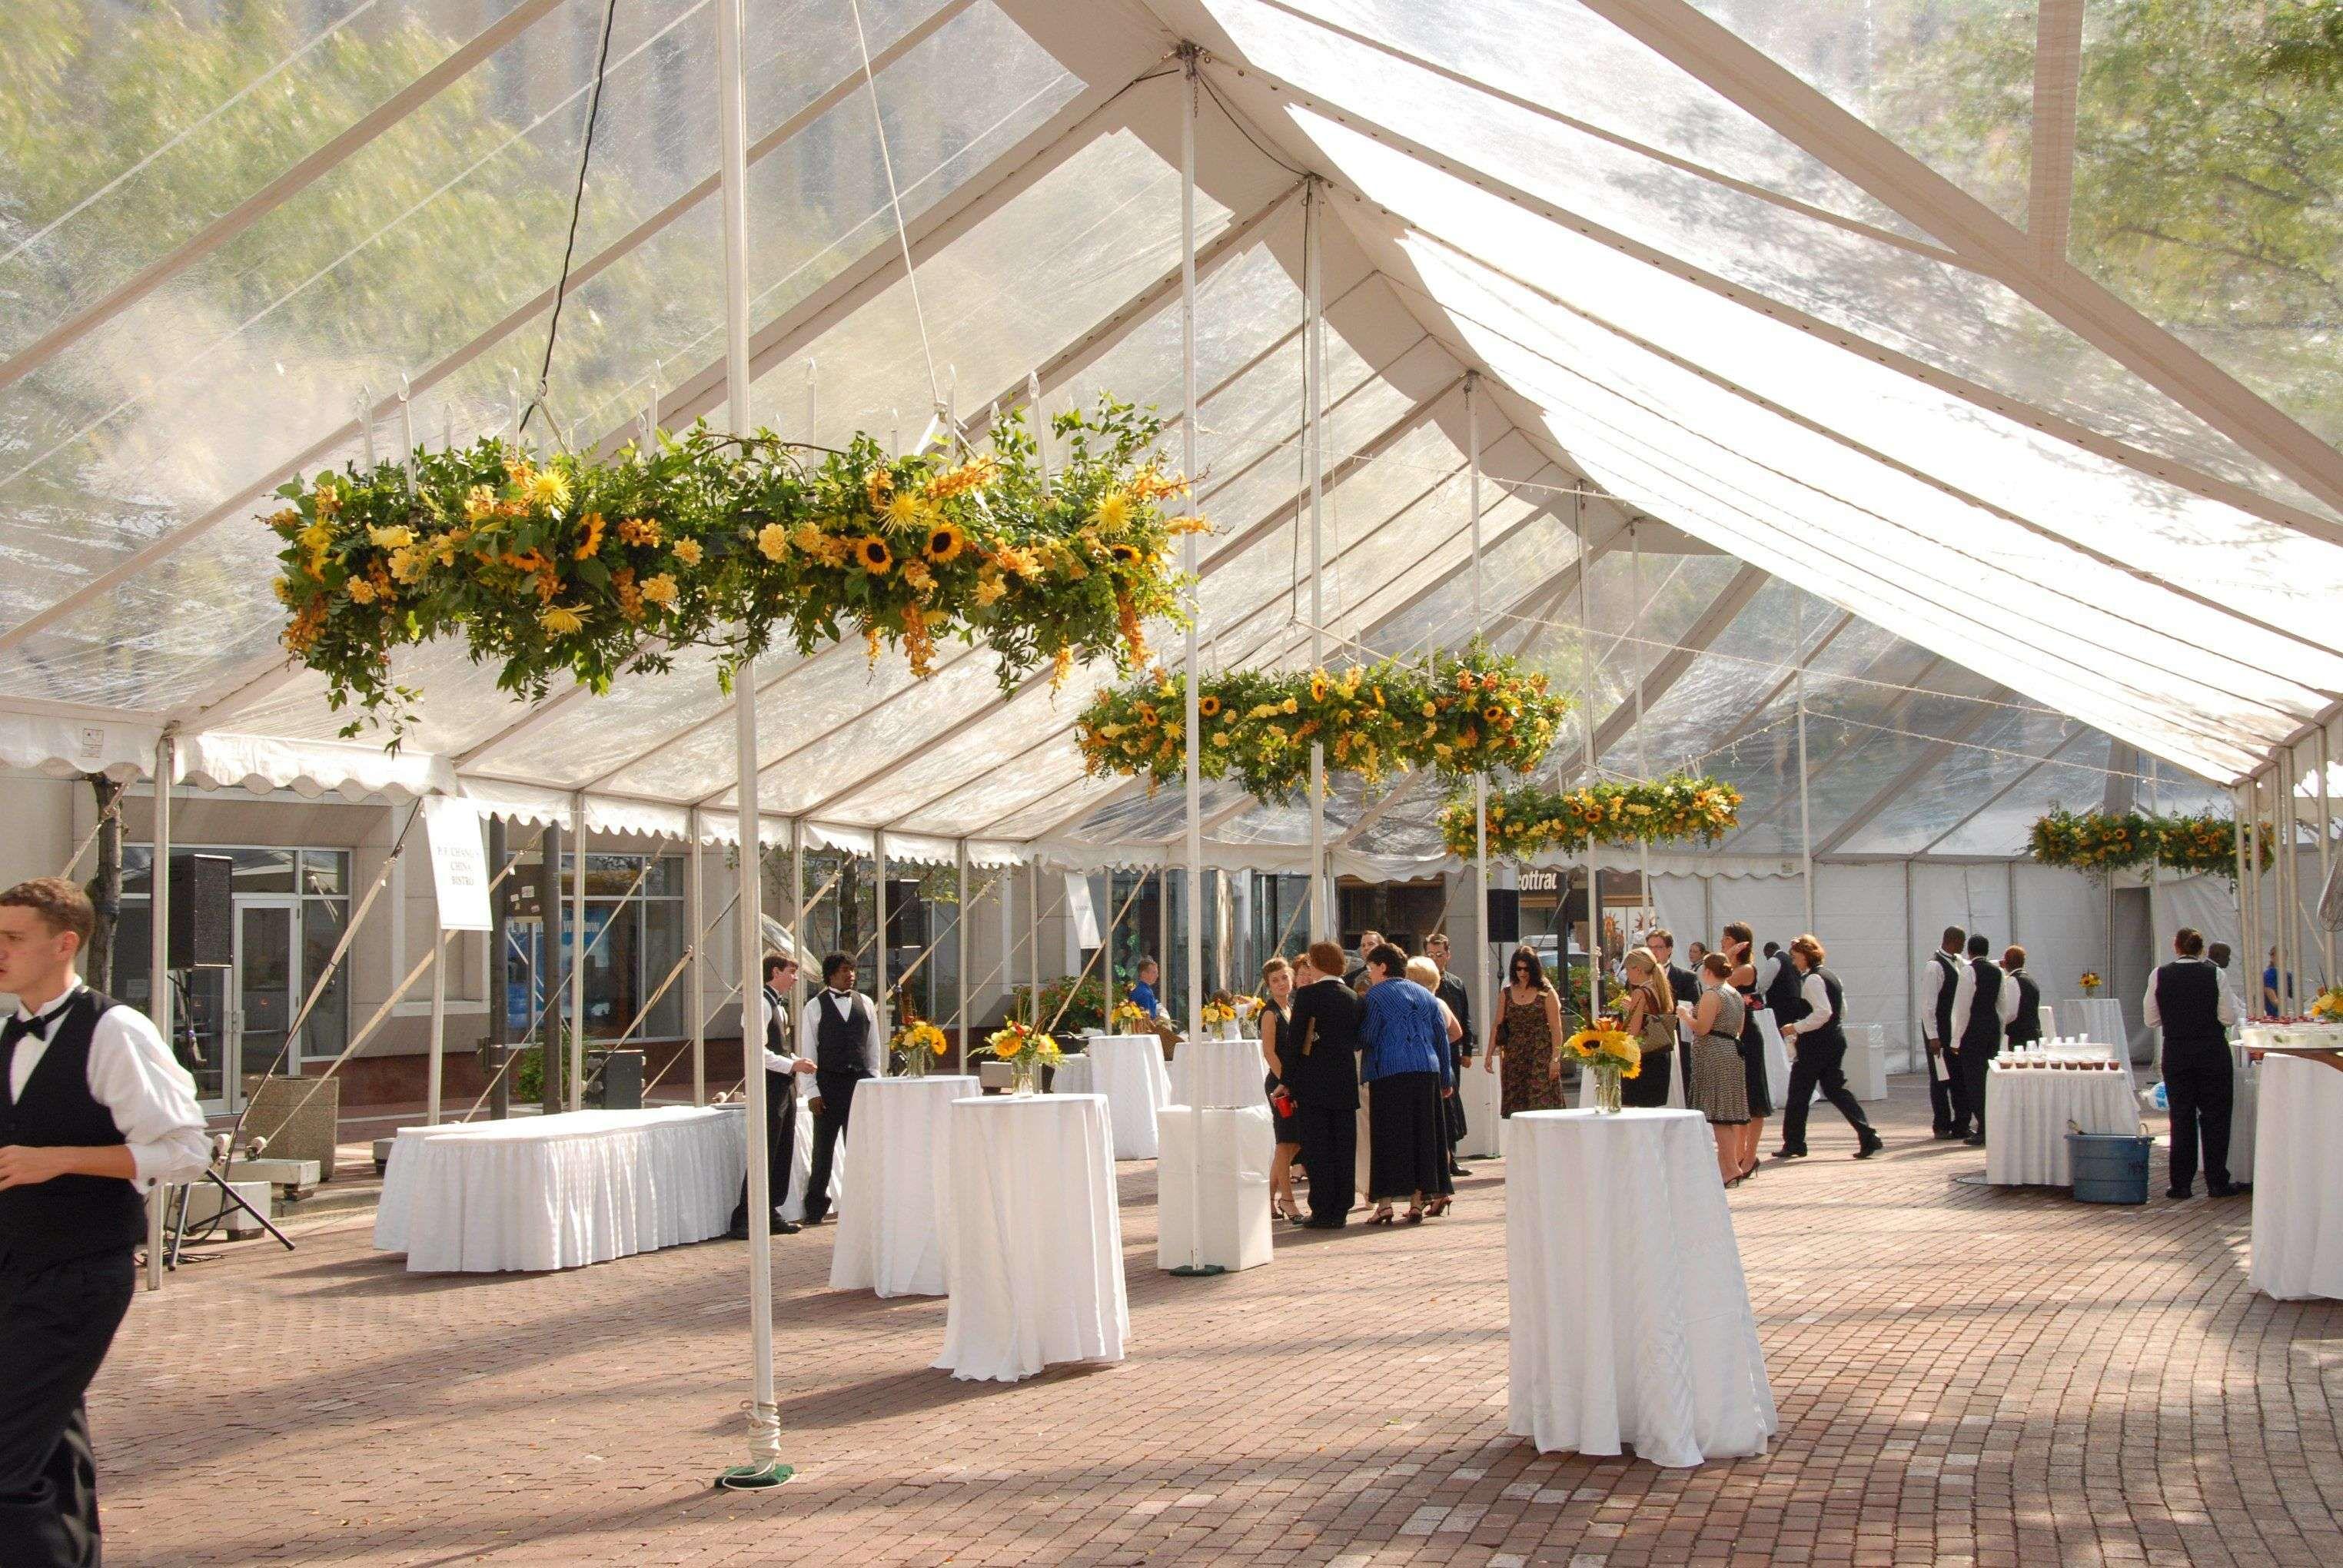 Backyard Party Tent Rental Flint Mi Wedding Tent Decorations Backyard Wedding Decorations Wedding Tent